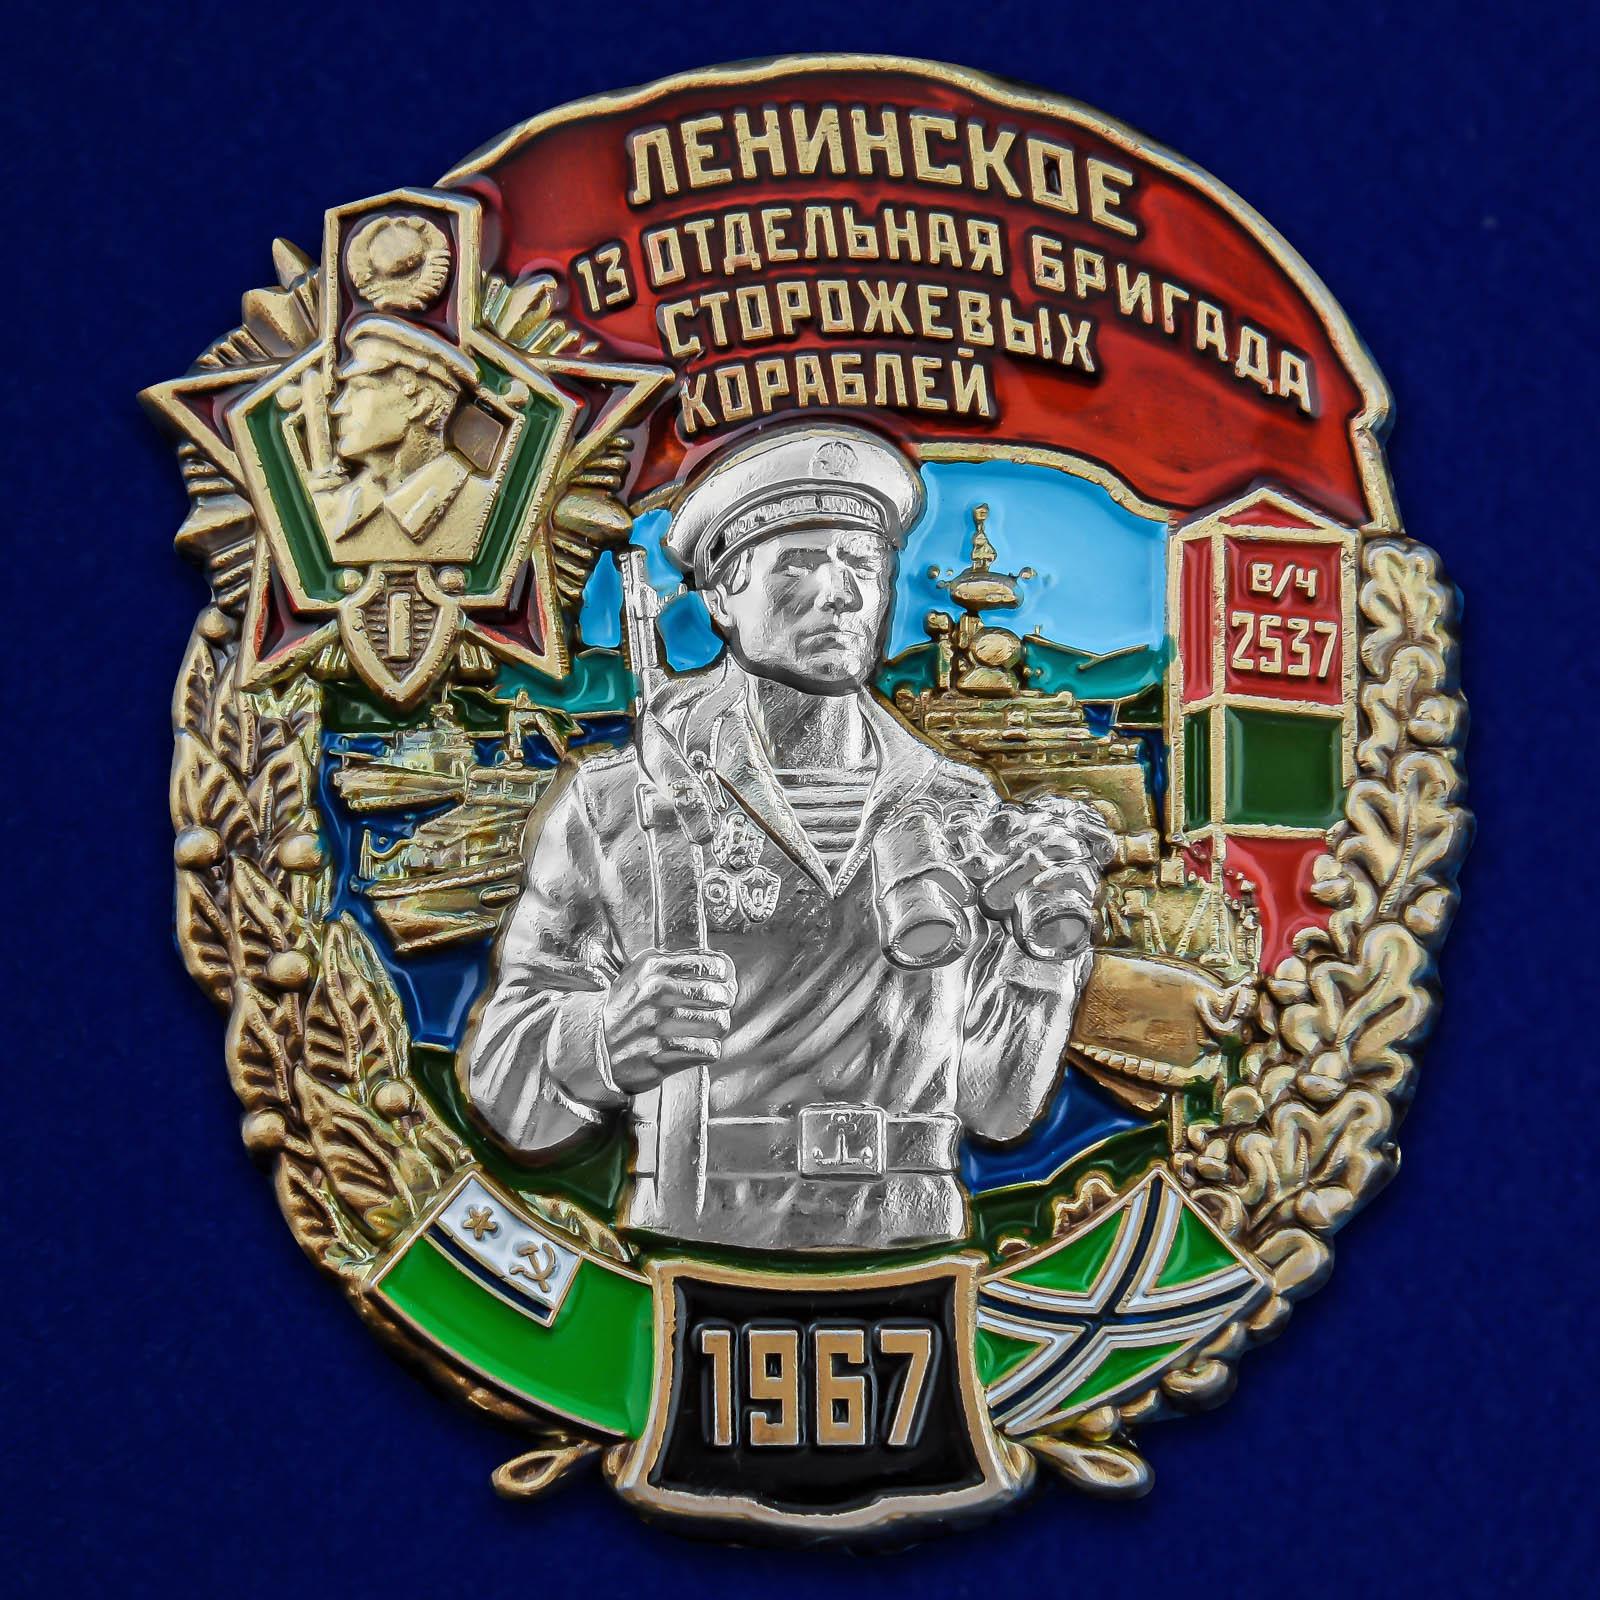 Памятный знак 13 отдельная бригада сторожевых кораблей Ленинское - общий вид